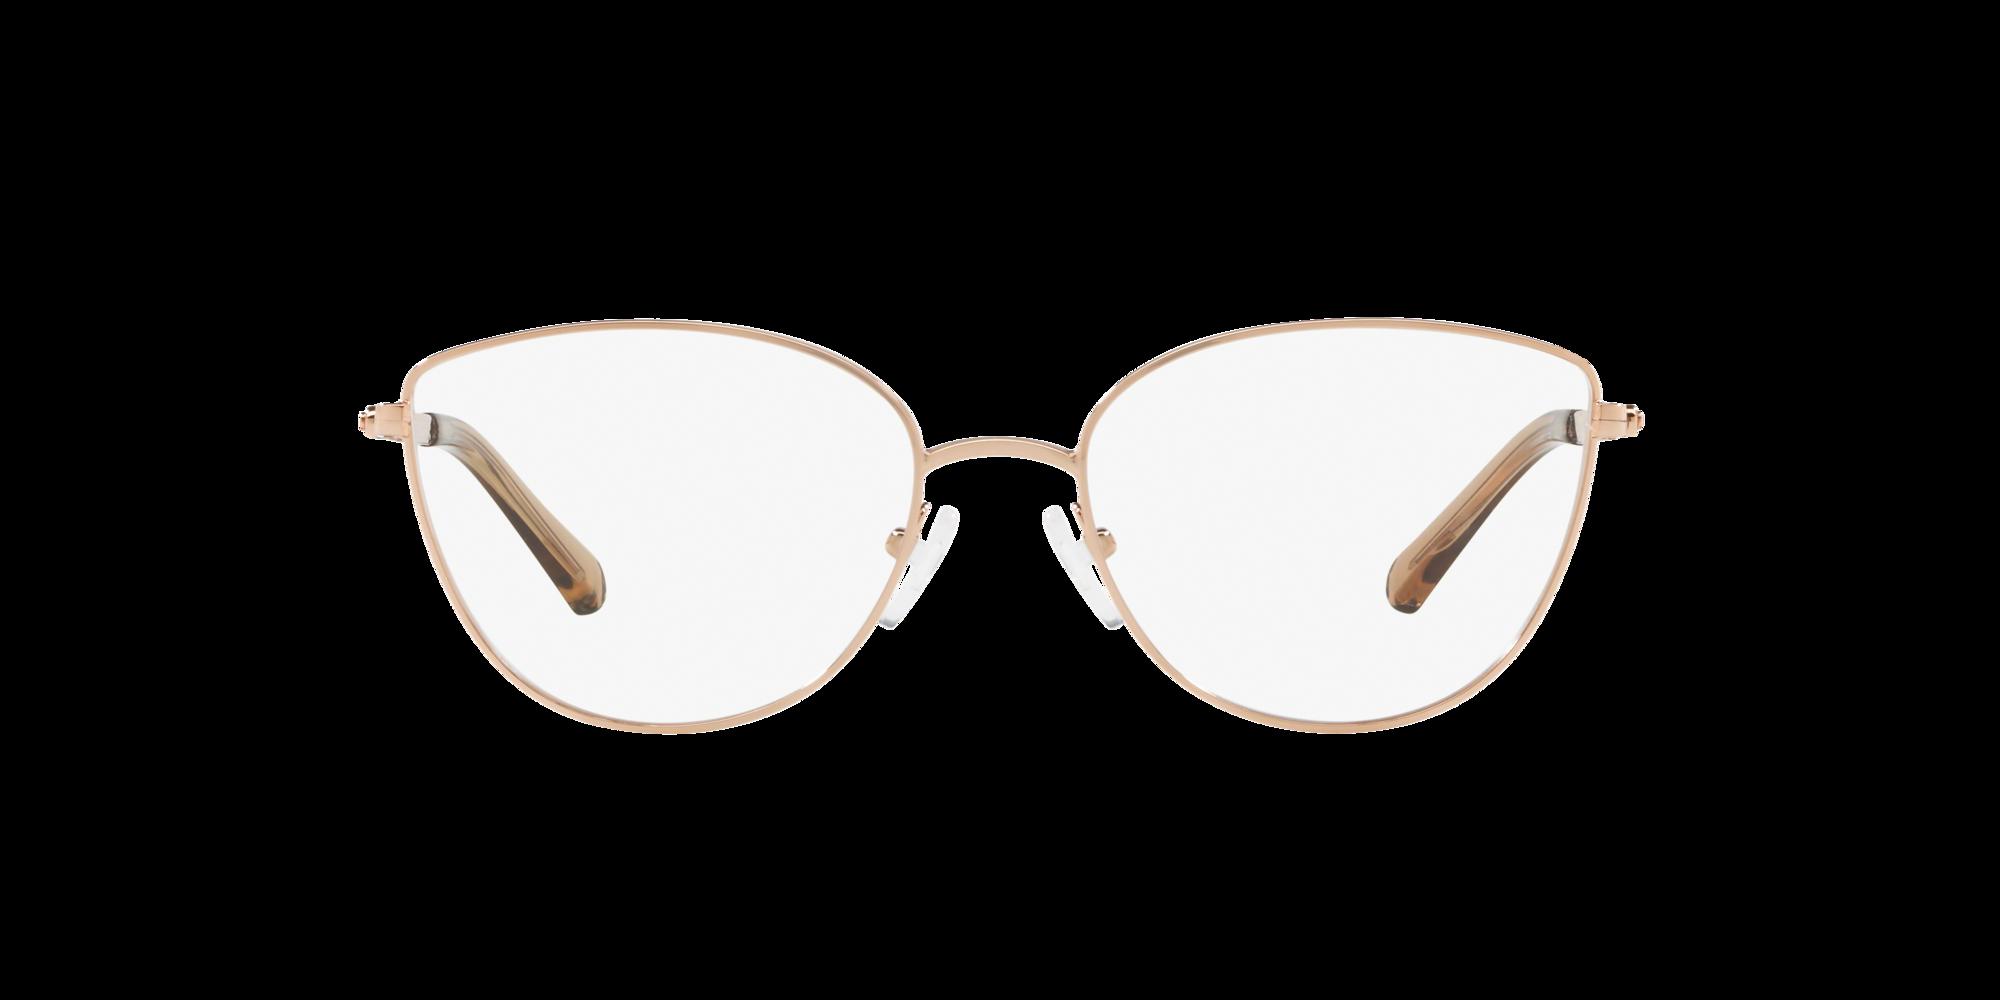 Imagen para MK3030 BUENA VISTA de LensCrafters |  Espejuelos, espejuelos graduados en línea, gafas